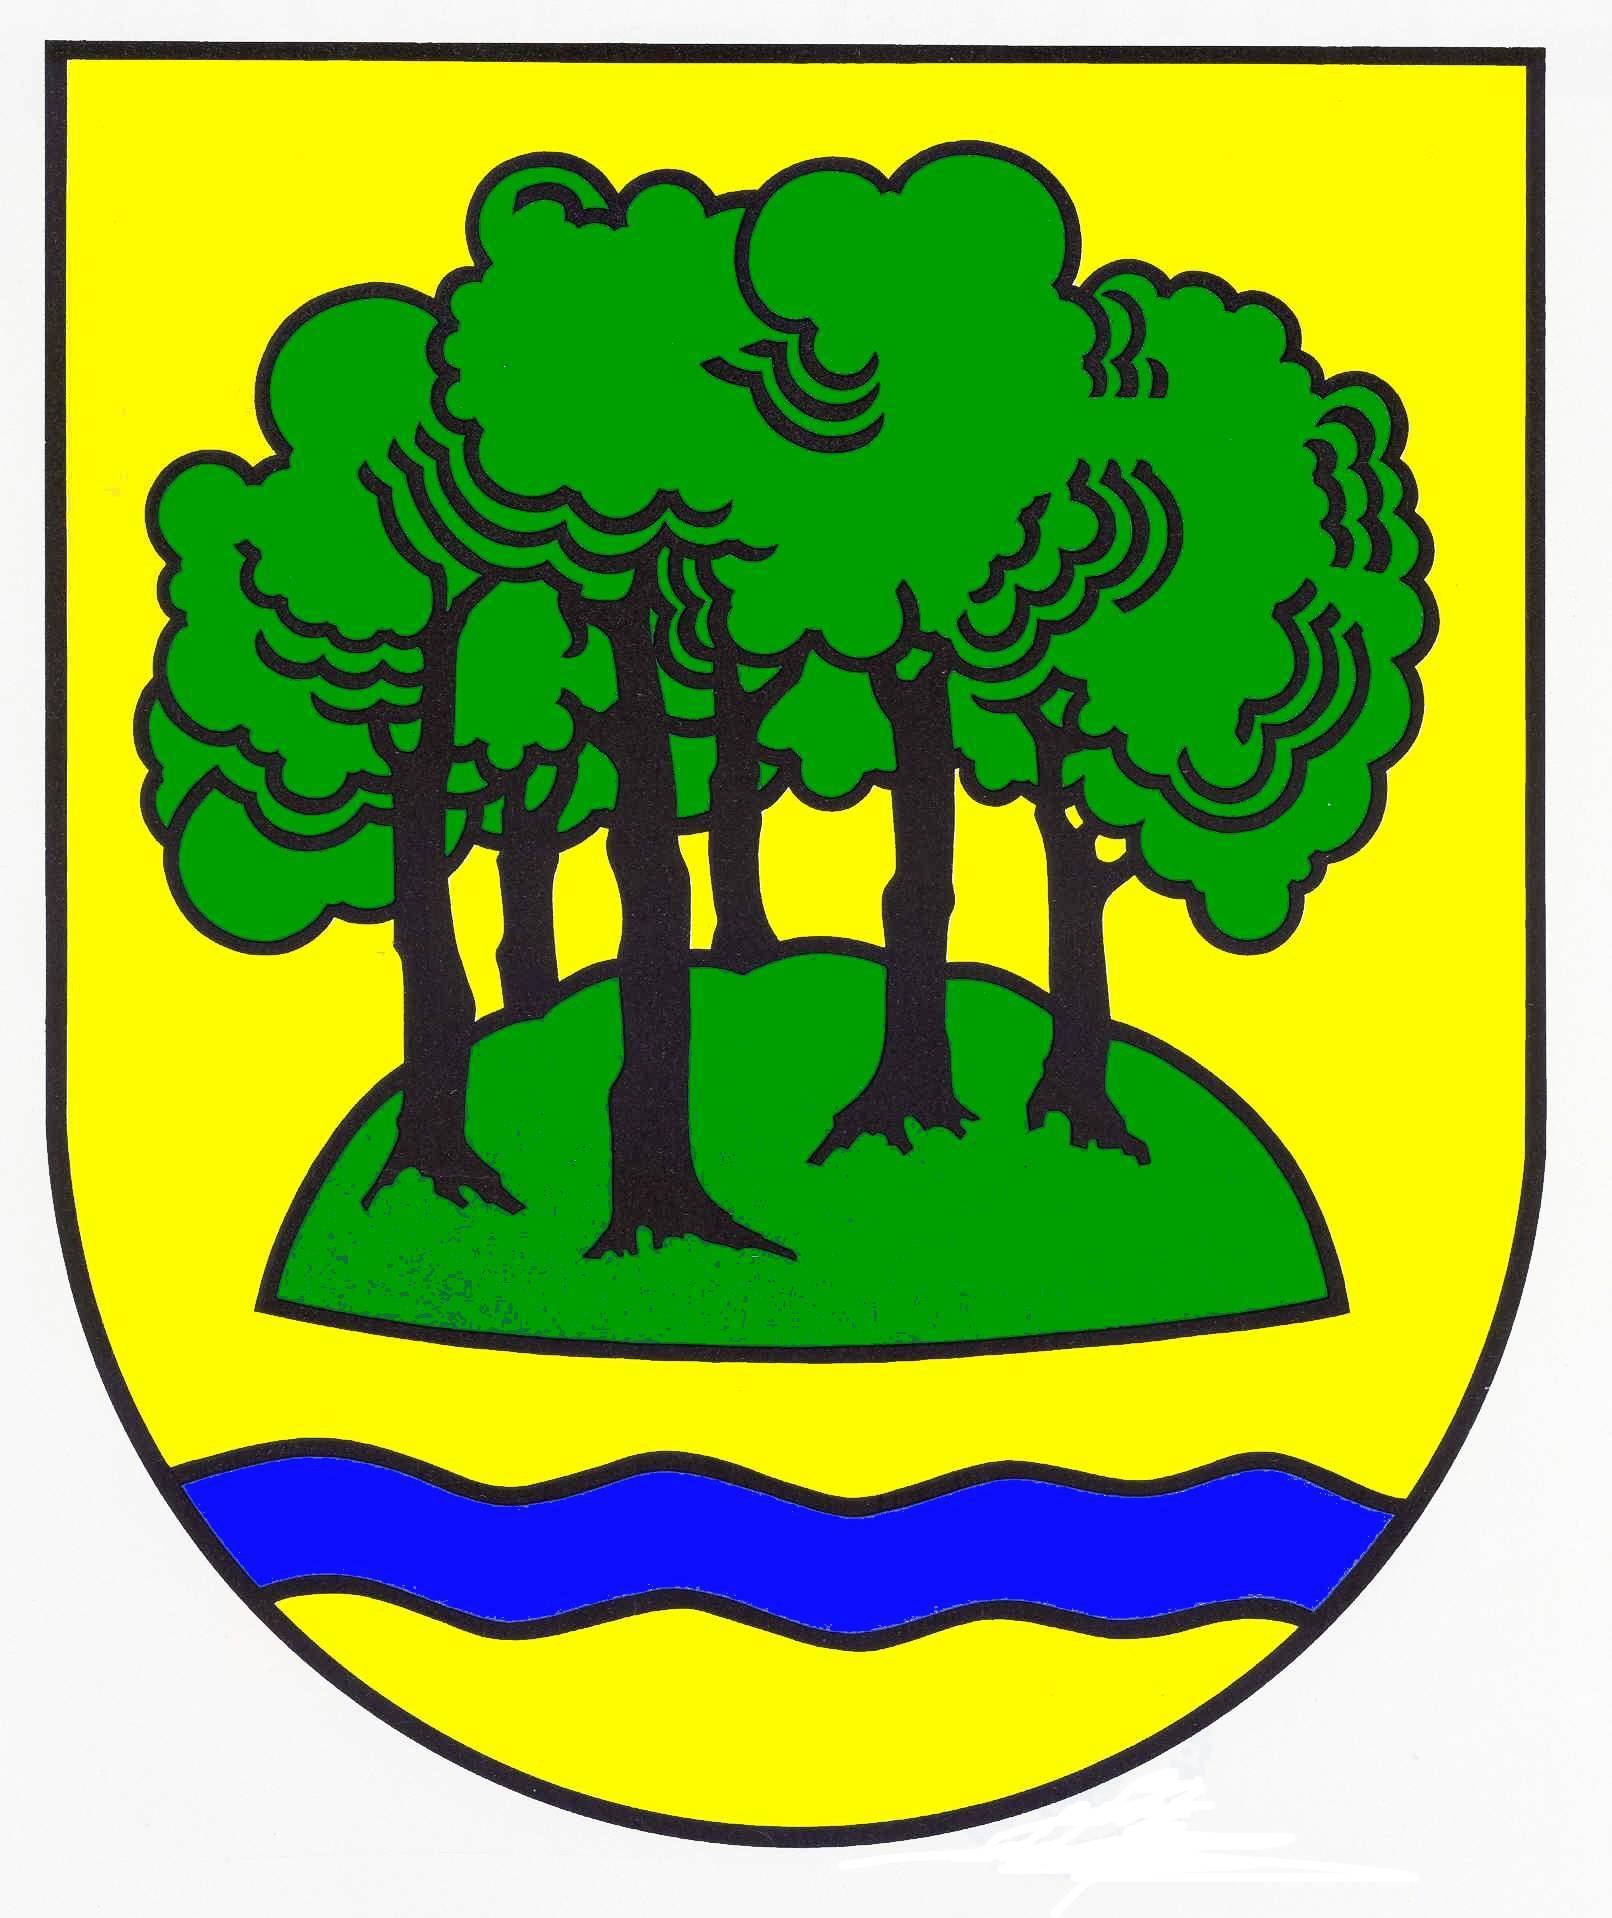 Wappen GemeindeGrabau, Kreis Stormarn